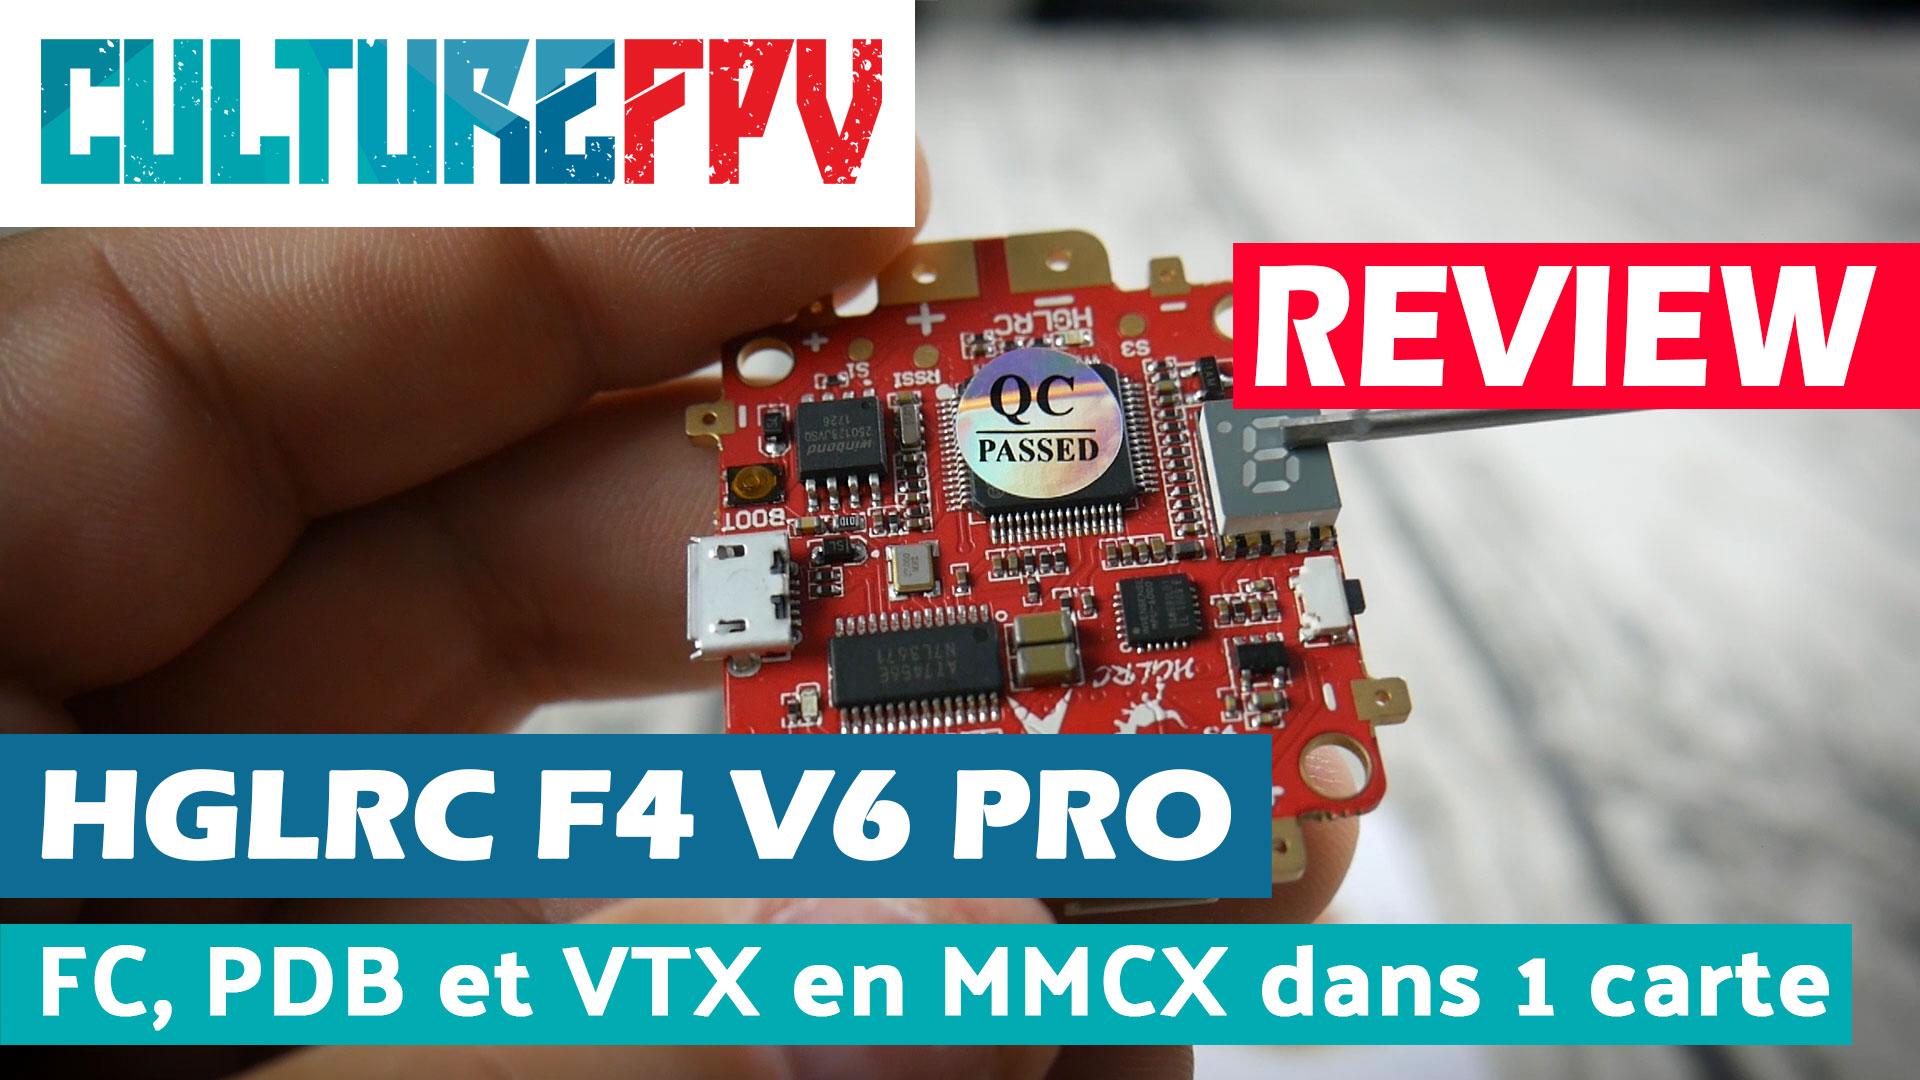 HGLRC F4 V6 pro